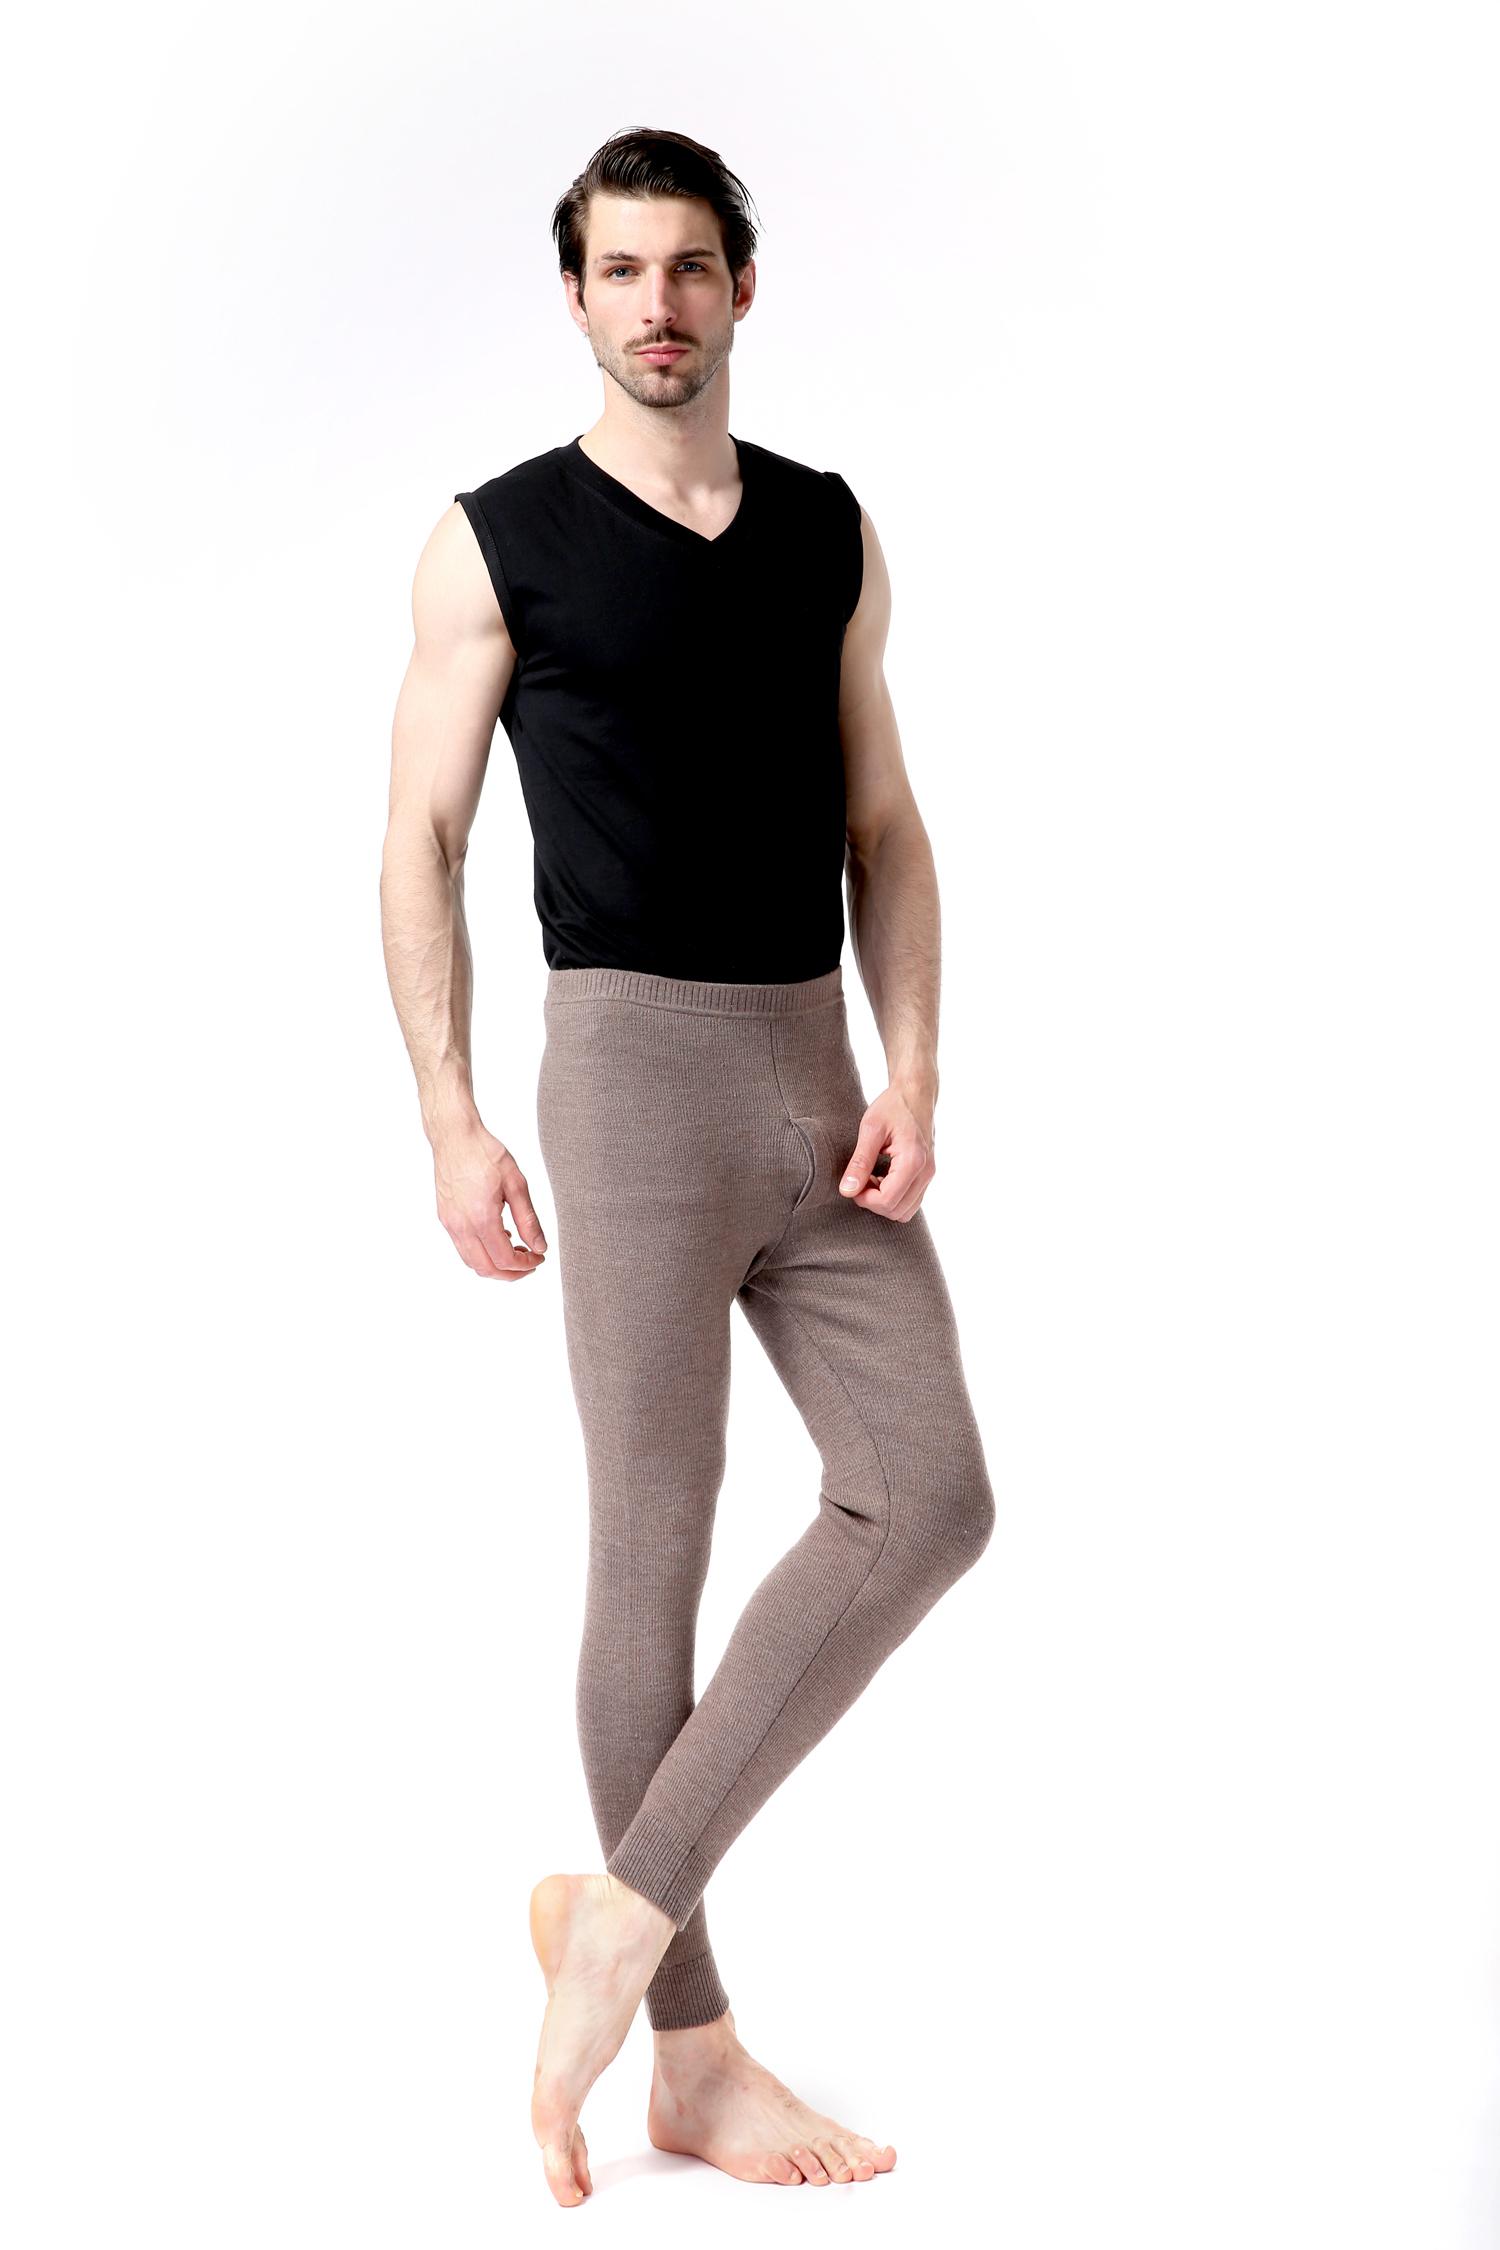 中昊绒业供应质量好的都兰诺斯澳毛男抽条裤_哪里有都兰诺斯澳毛男抽条裤